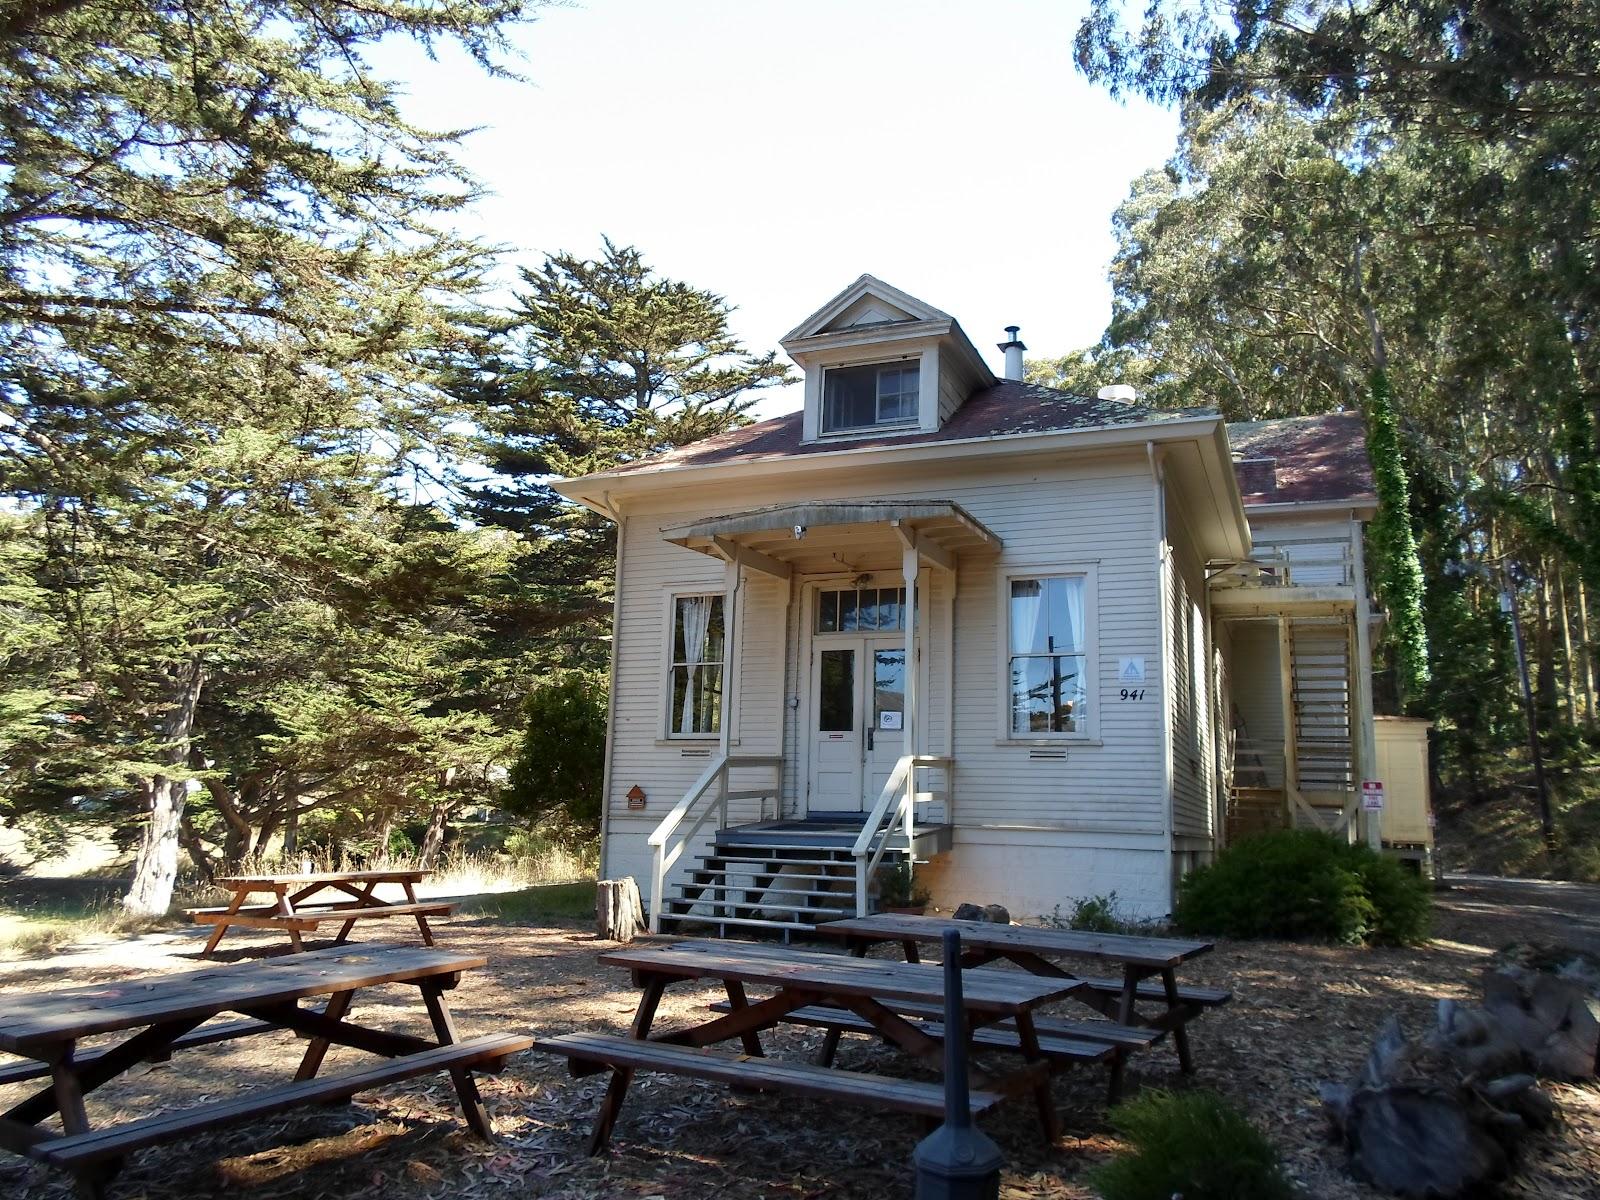 les petites maisons am ricaines en bois j 39 adore